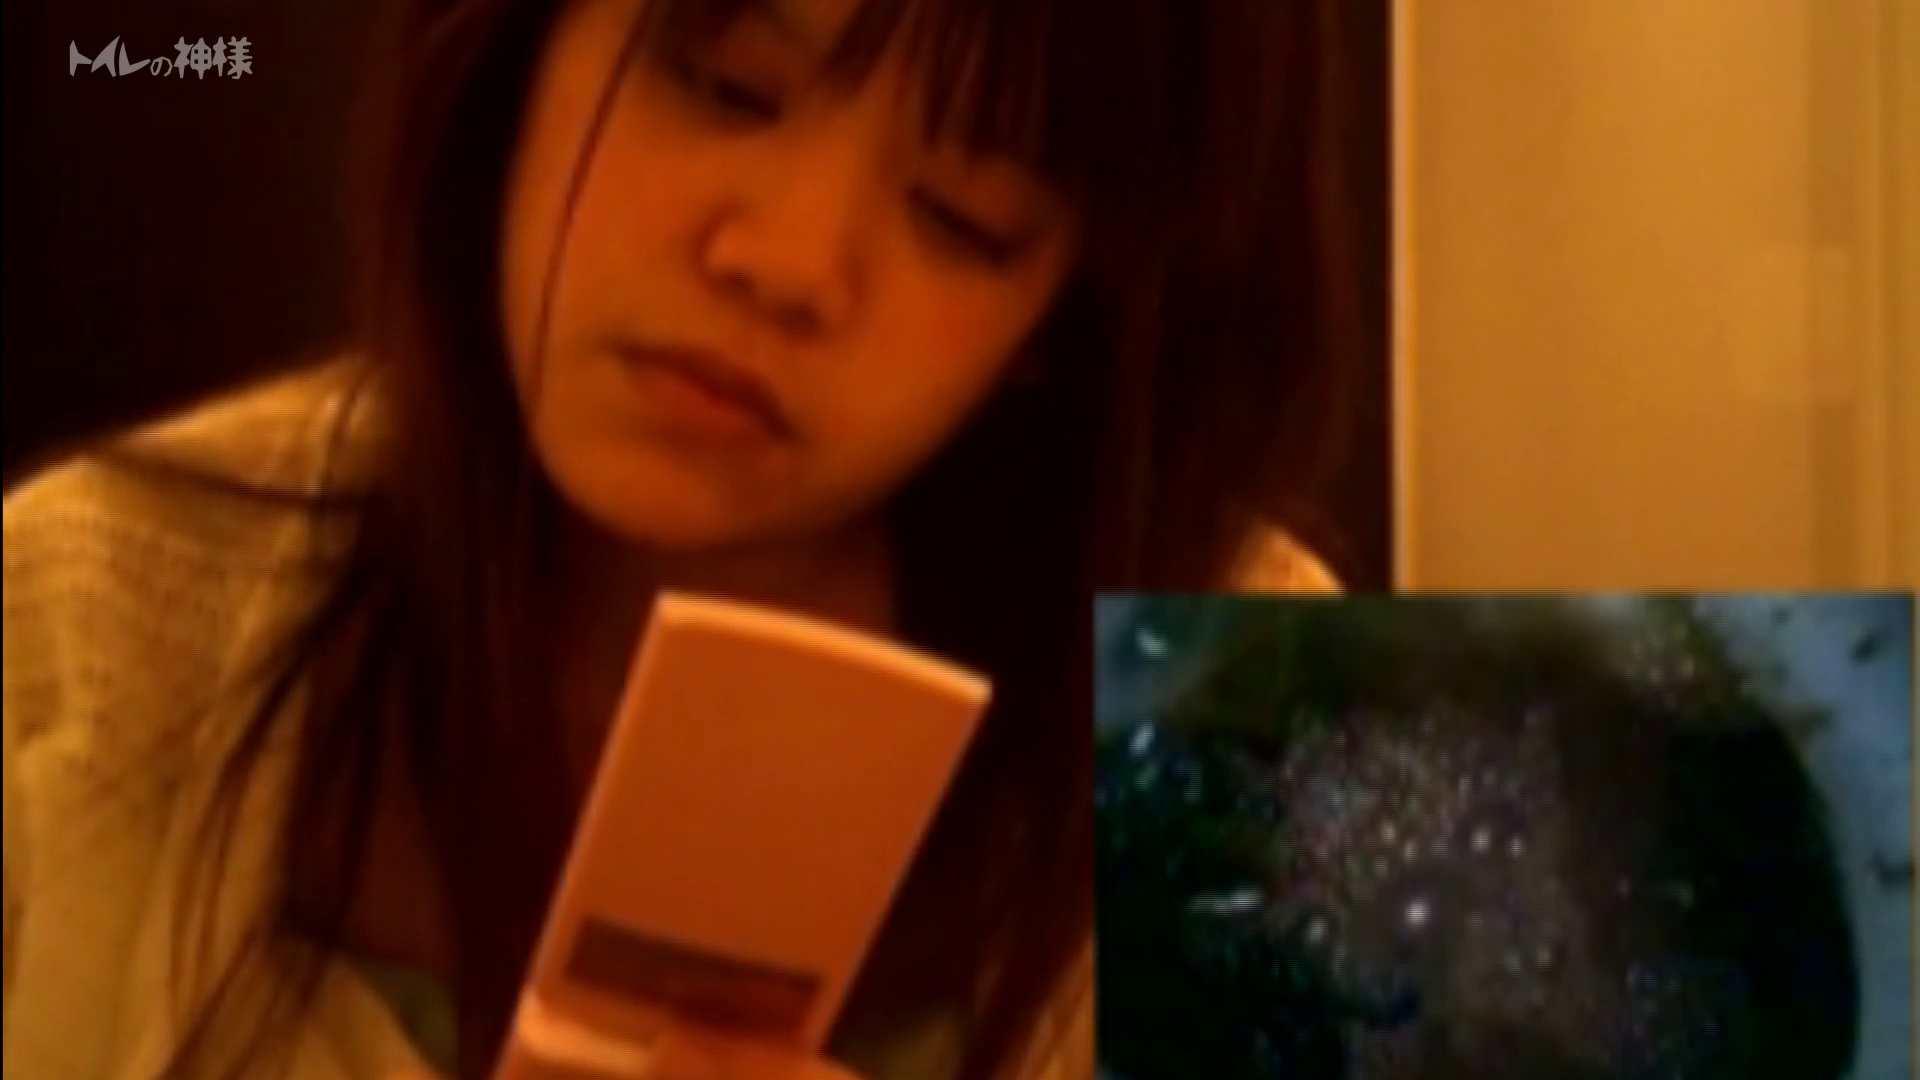 トイレの神様 Vol.03 彼女のうんち隠し撮り OLのボディ | トイレの実態  81PIX 51